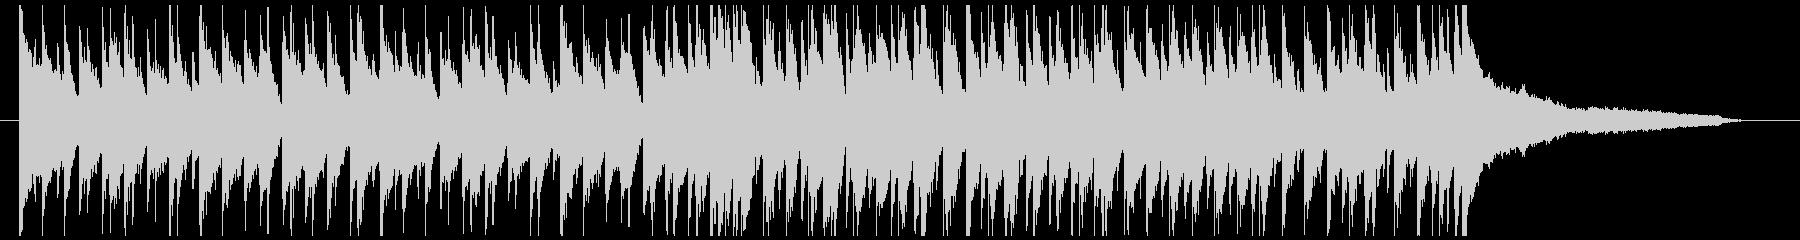 シャッフルリズムの陽気なポップスの未再生の波形